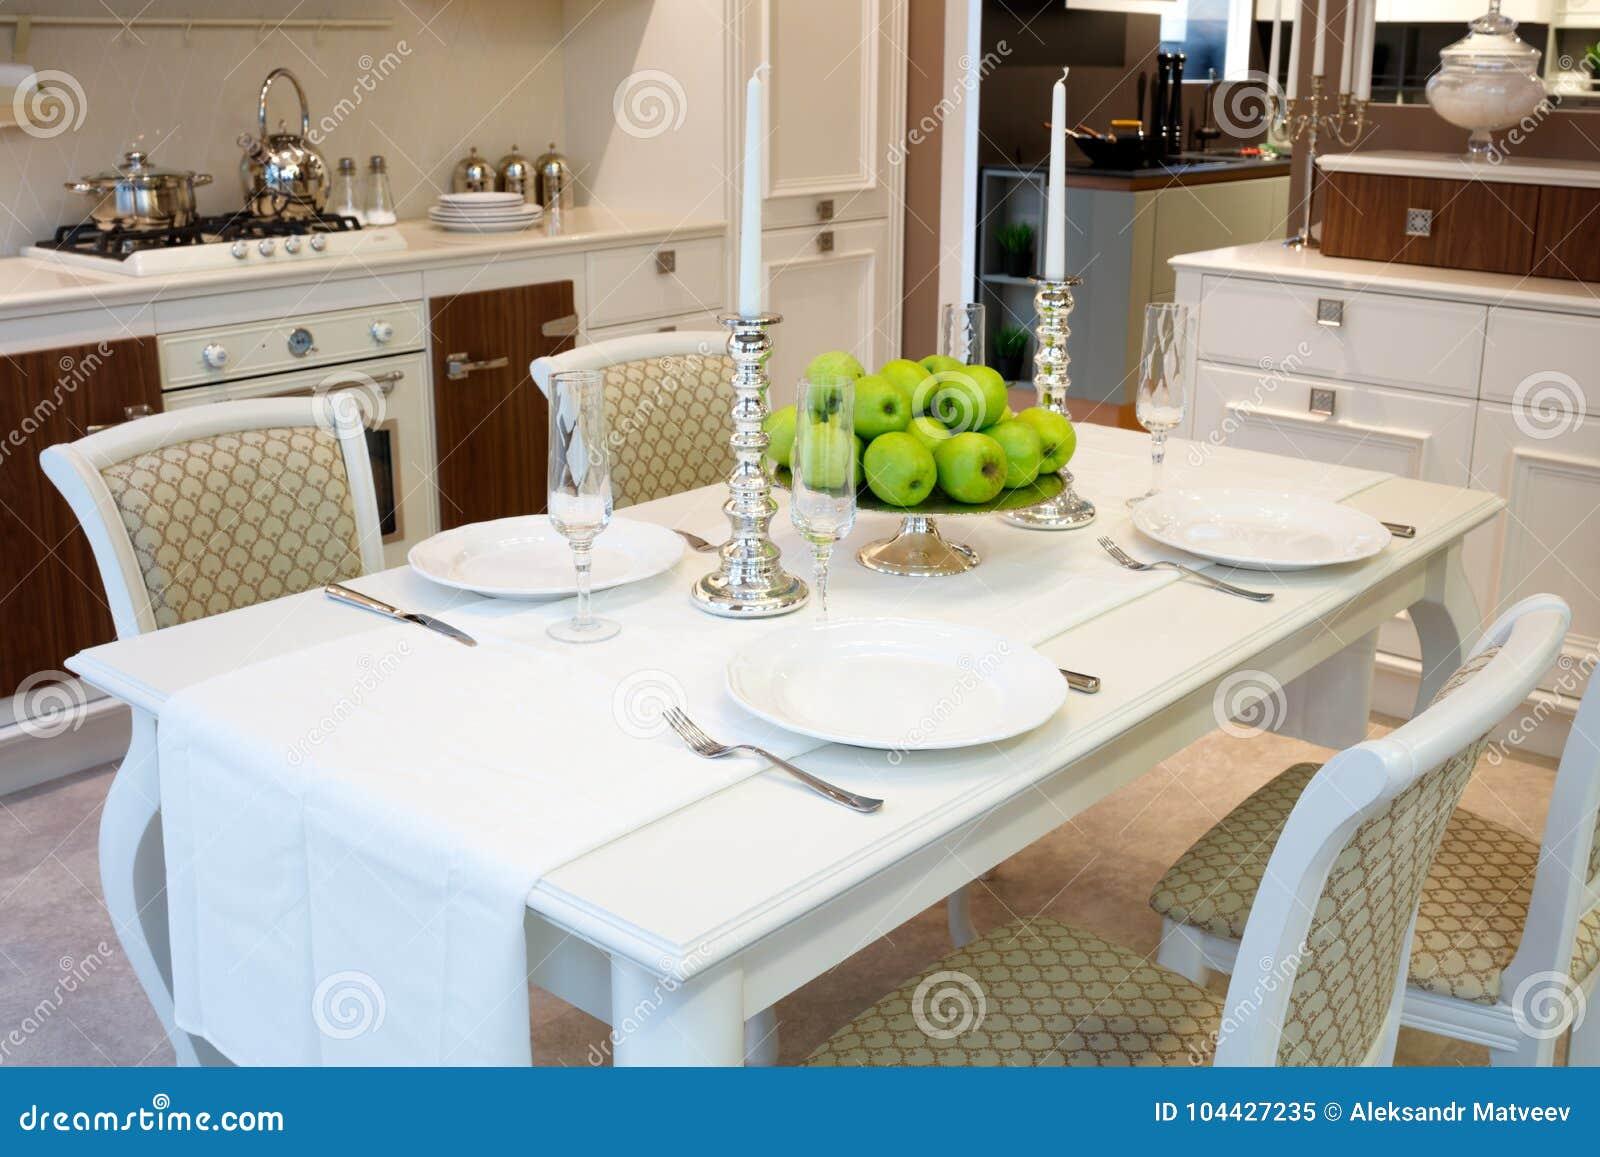 Wnętrze Klasyczny Biały Kuchni I łomotać Teren Słuzyć Stół Dla 4